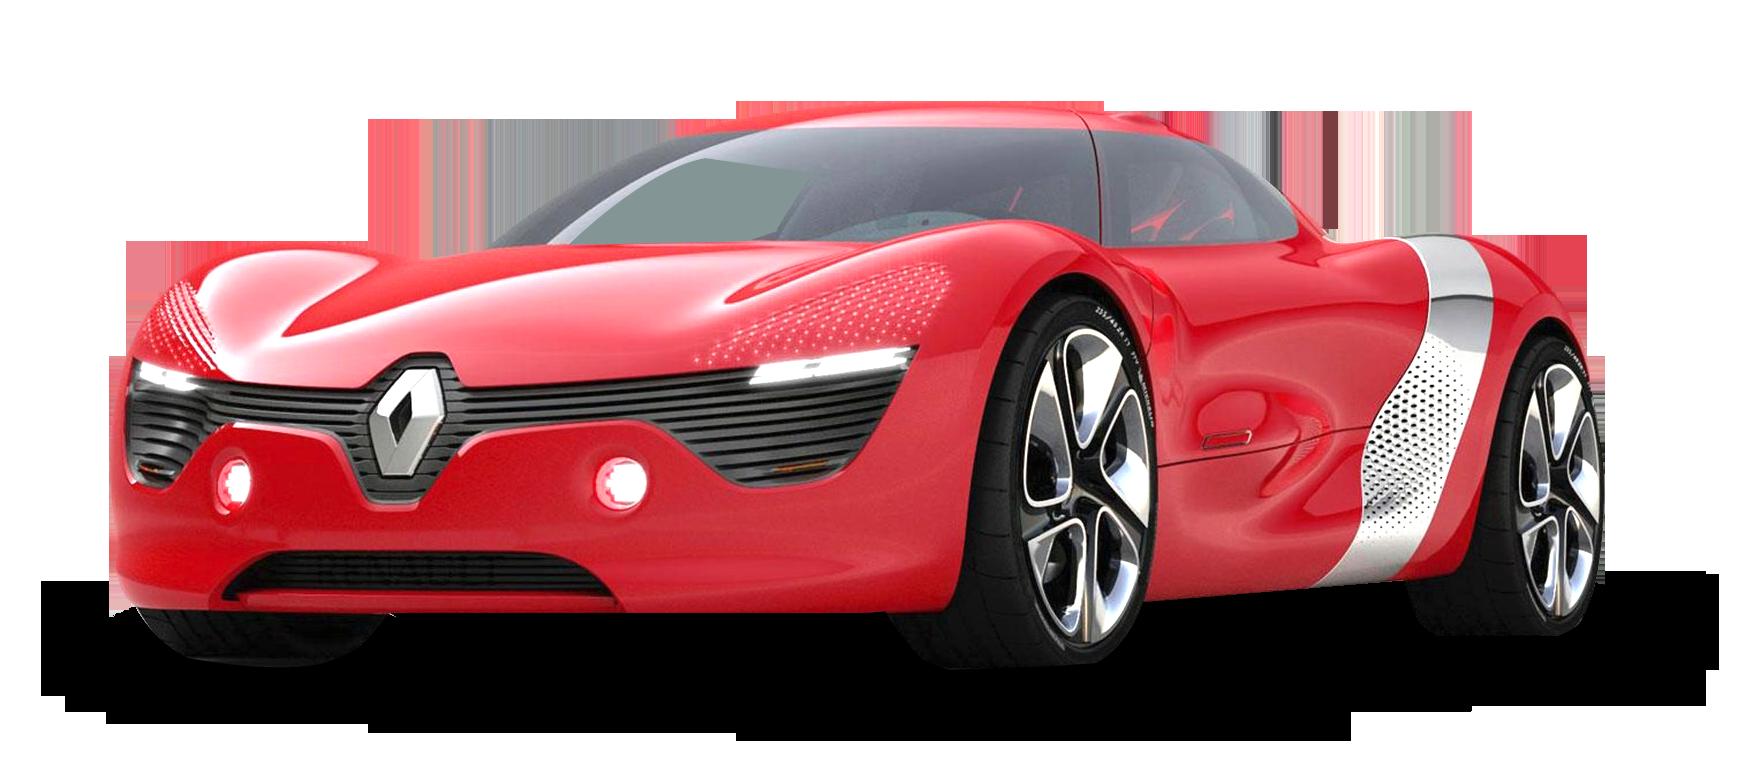 Red Renault DeZir Car PNG Image